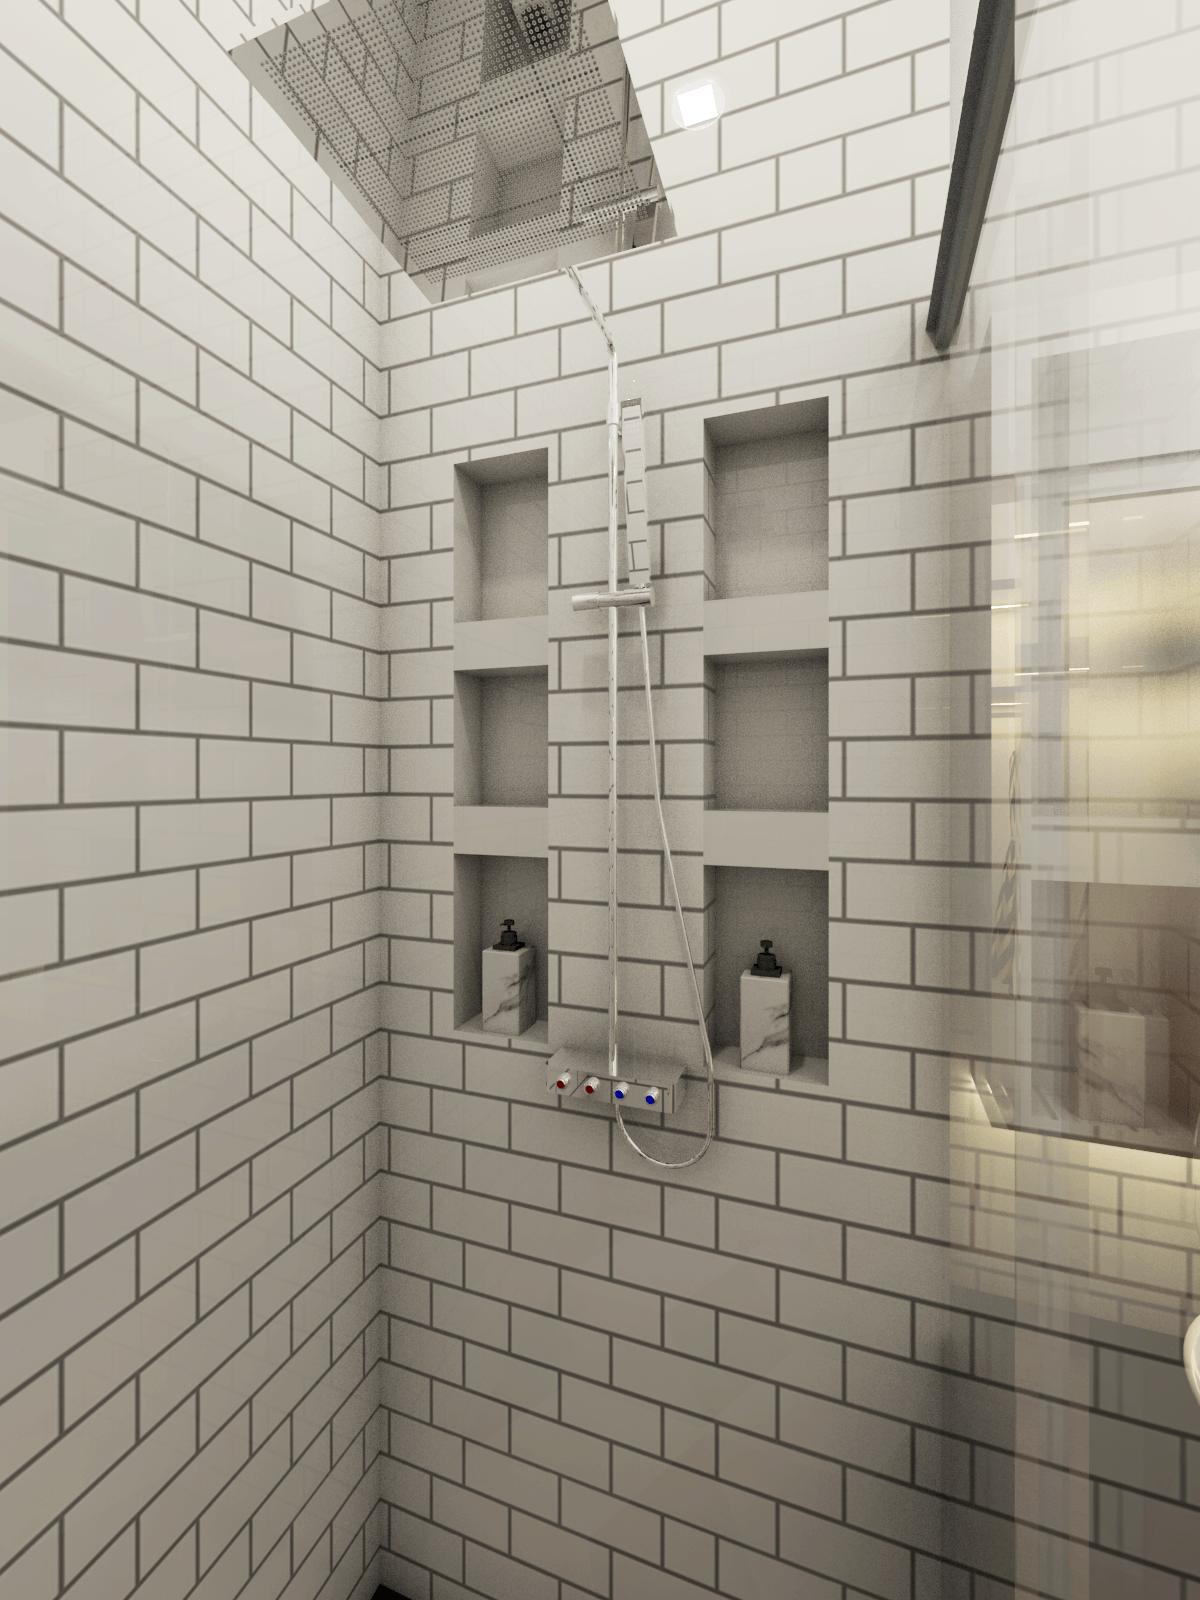 Wai Architect (Pt. Cipta Karya Seni) Mrs. R Bedroom Kota Depok, Jawa Barat, Indonesia Kota Depok, Jawa Barat, Indonesia Bathroom 01  91514